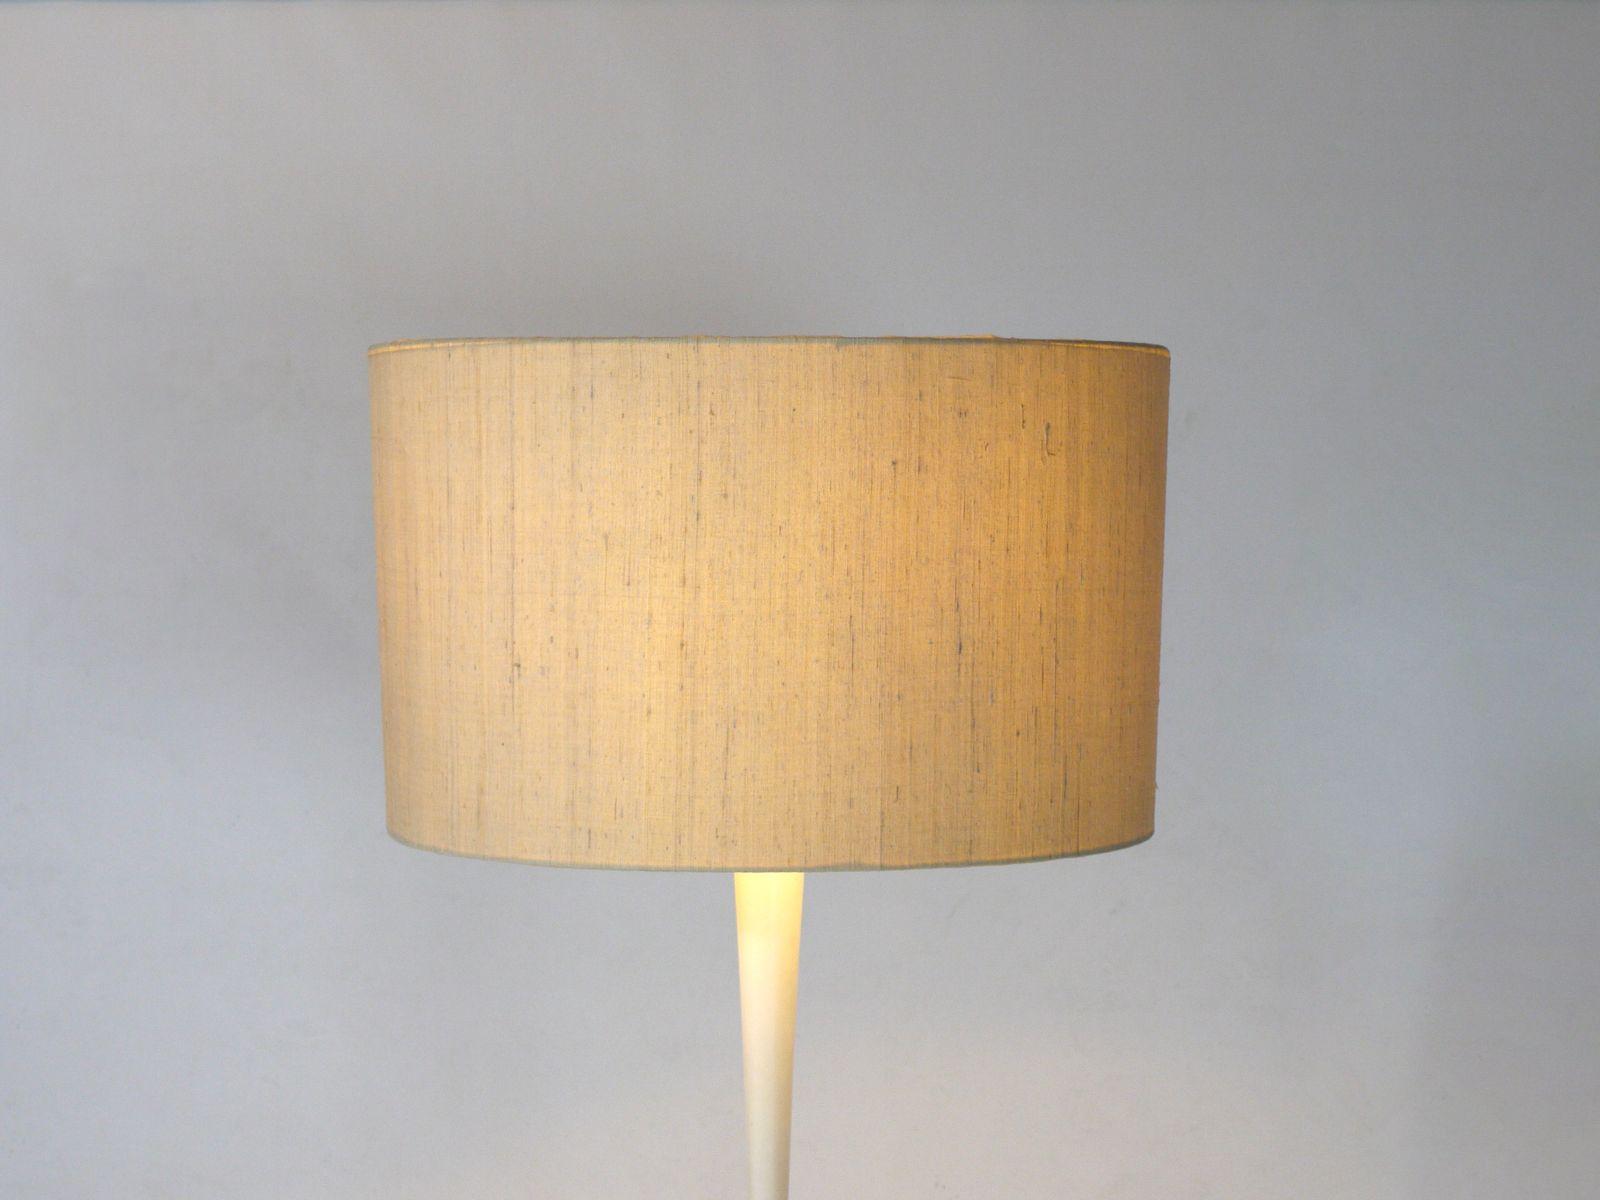 Four Bulb Floor Lamp.Antique Style Floor Lamps Four Bulb Antique ...